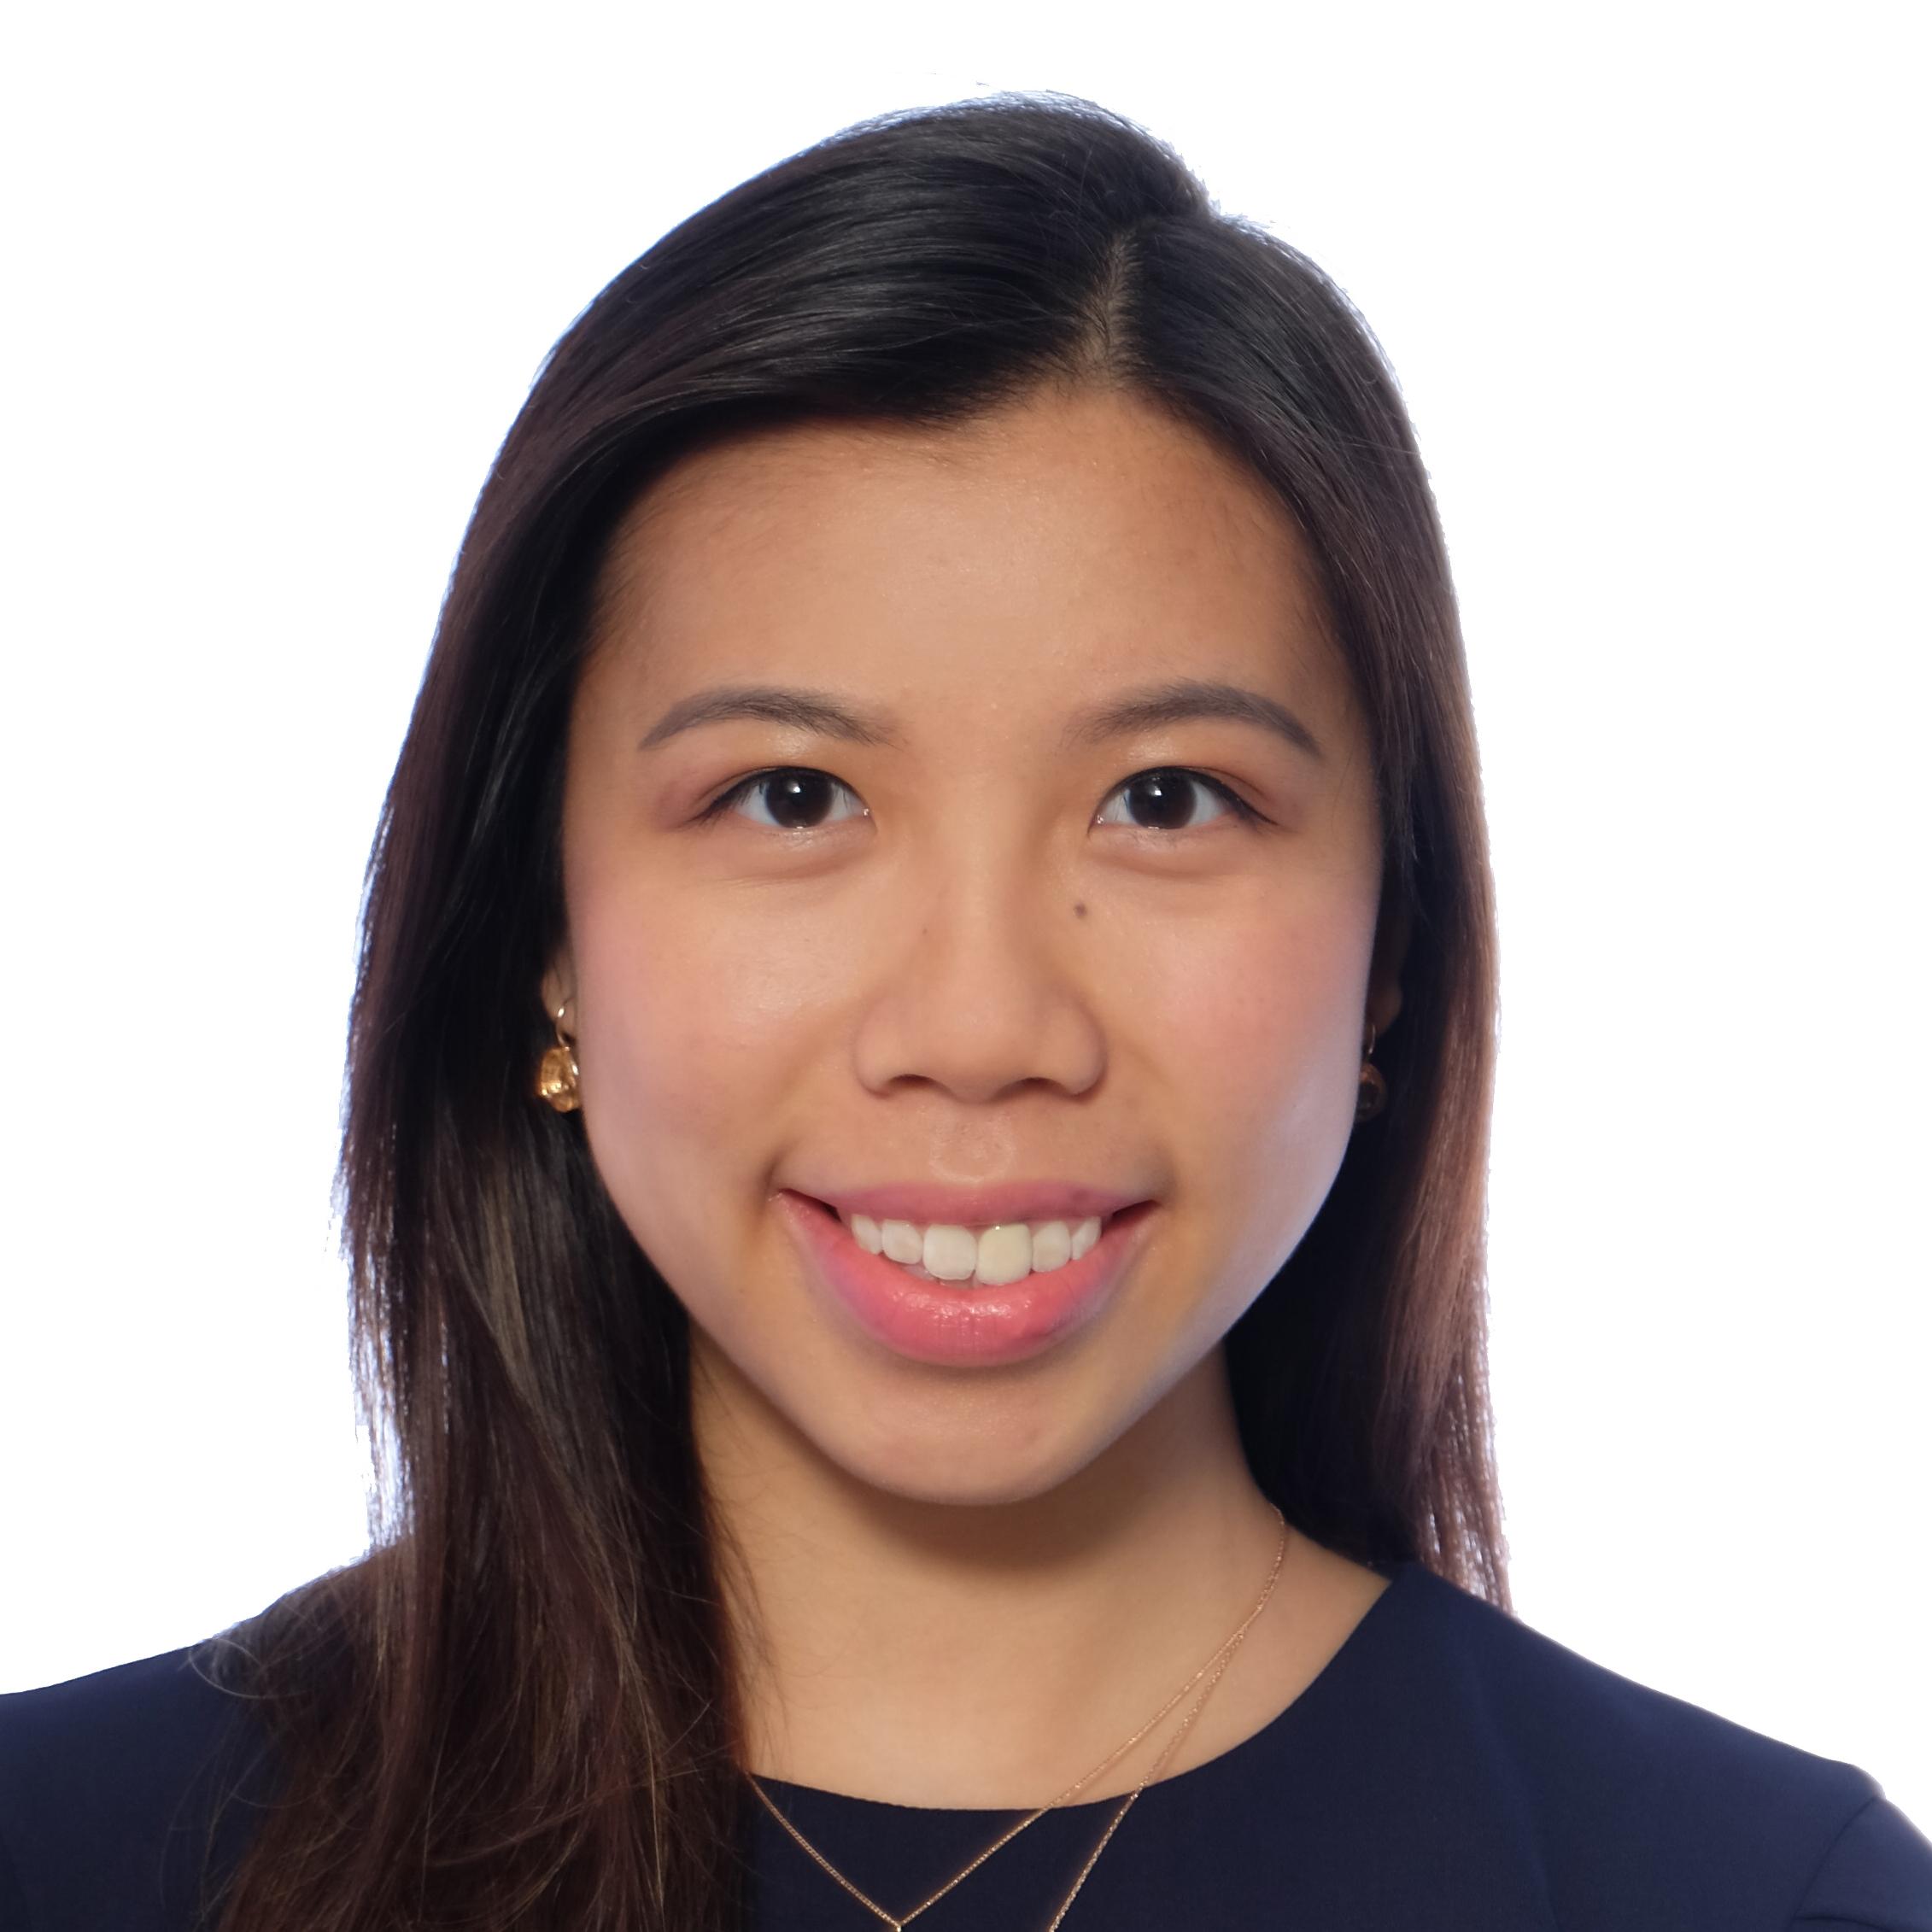 Kirstie Leung